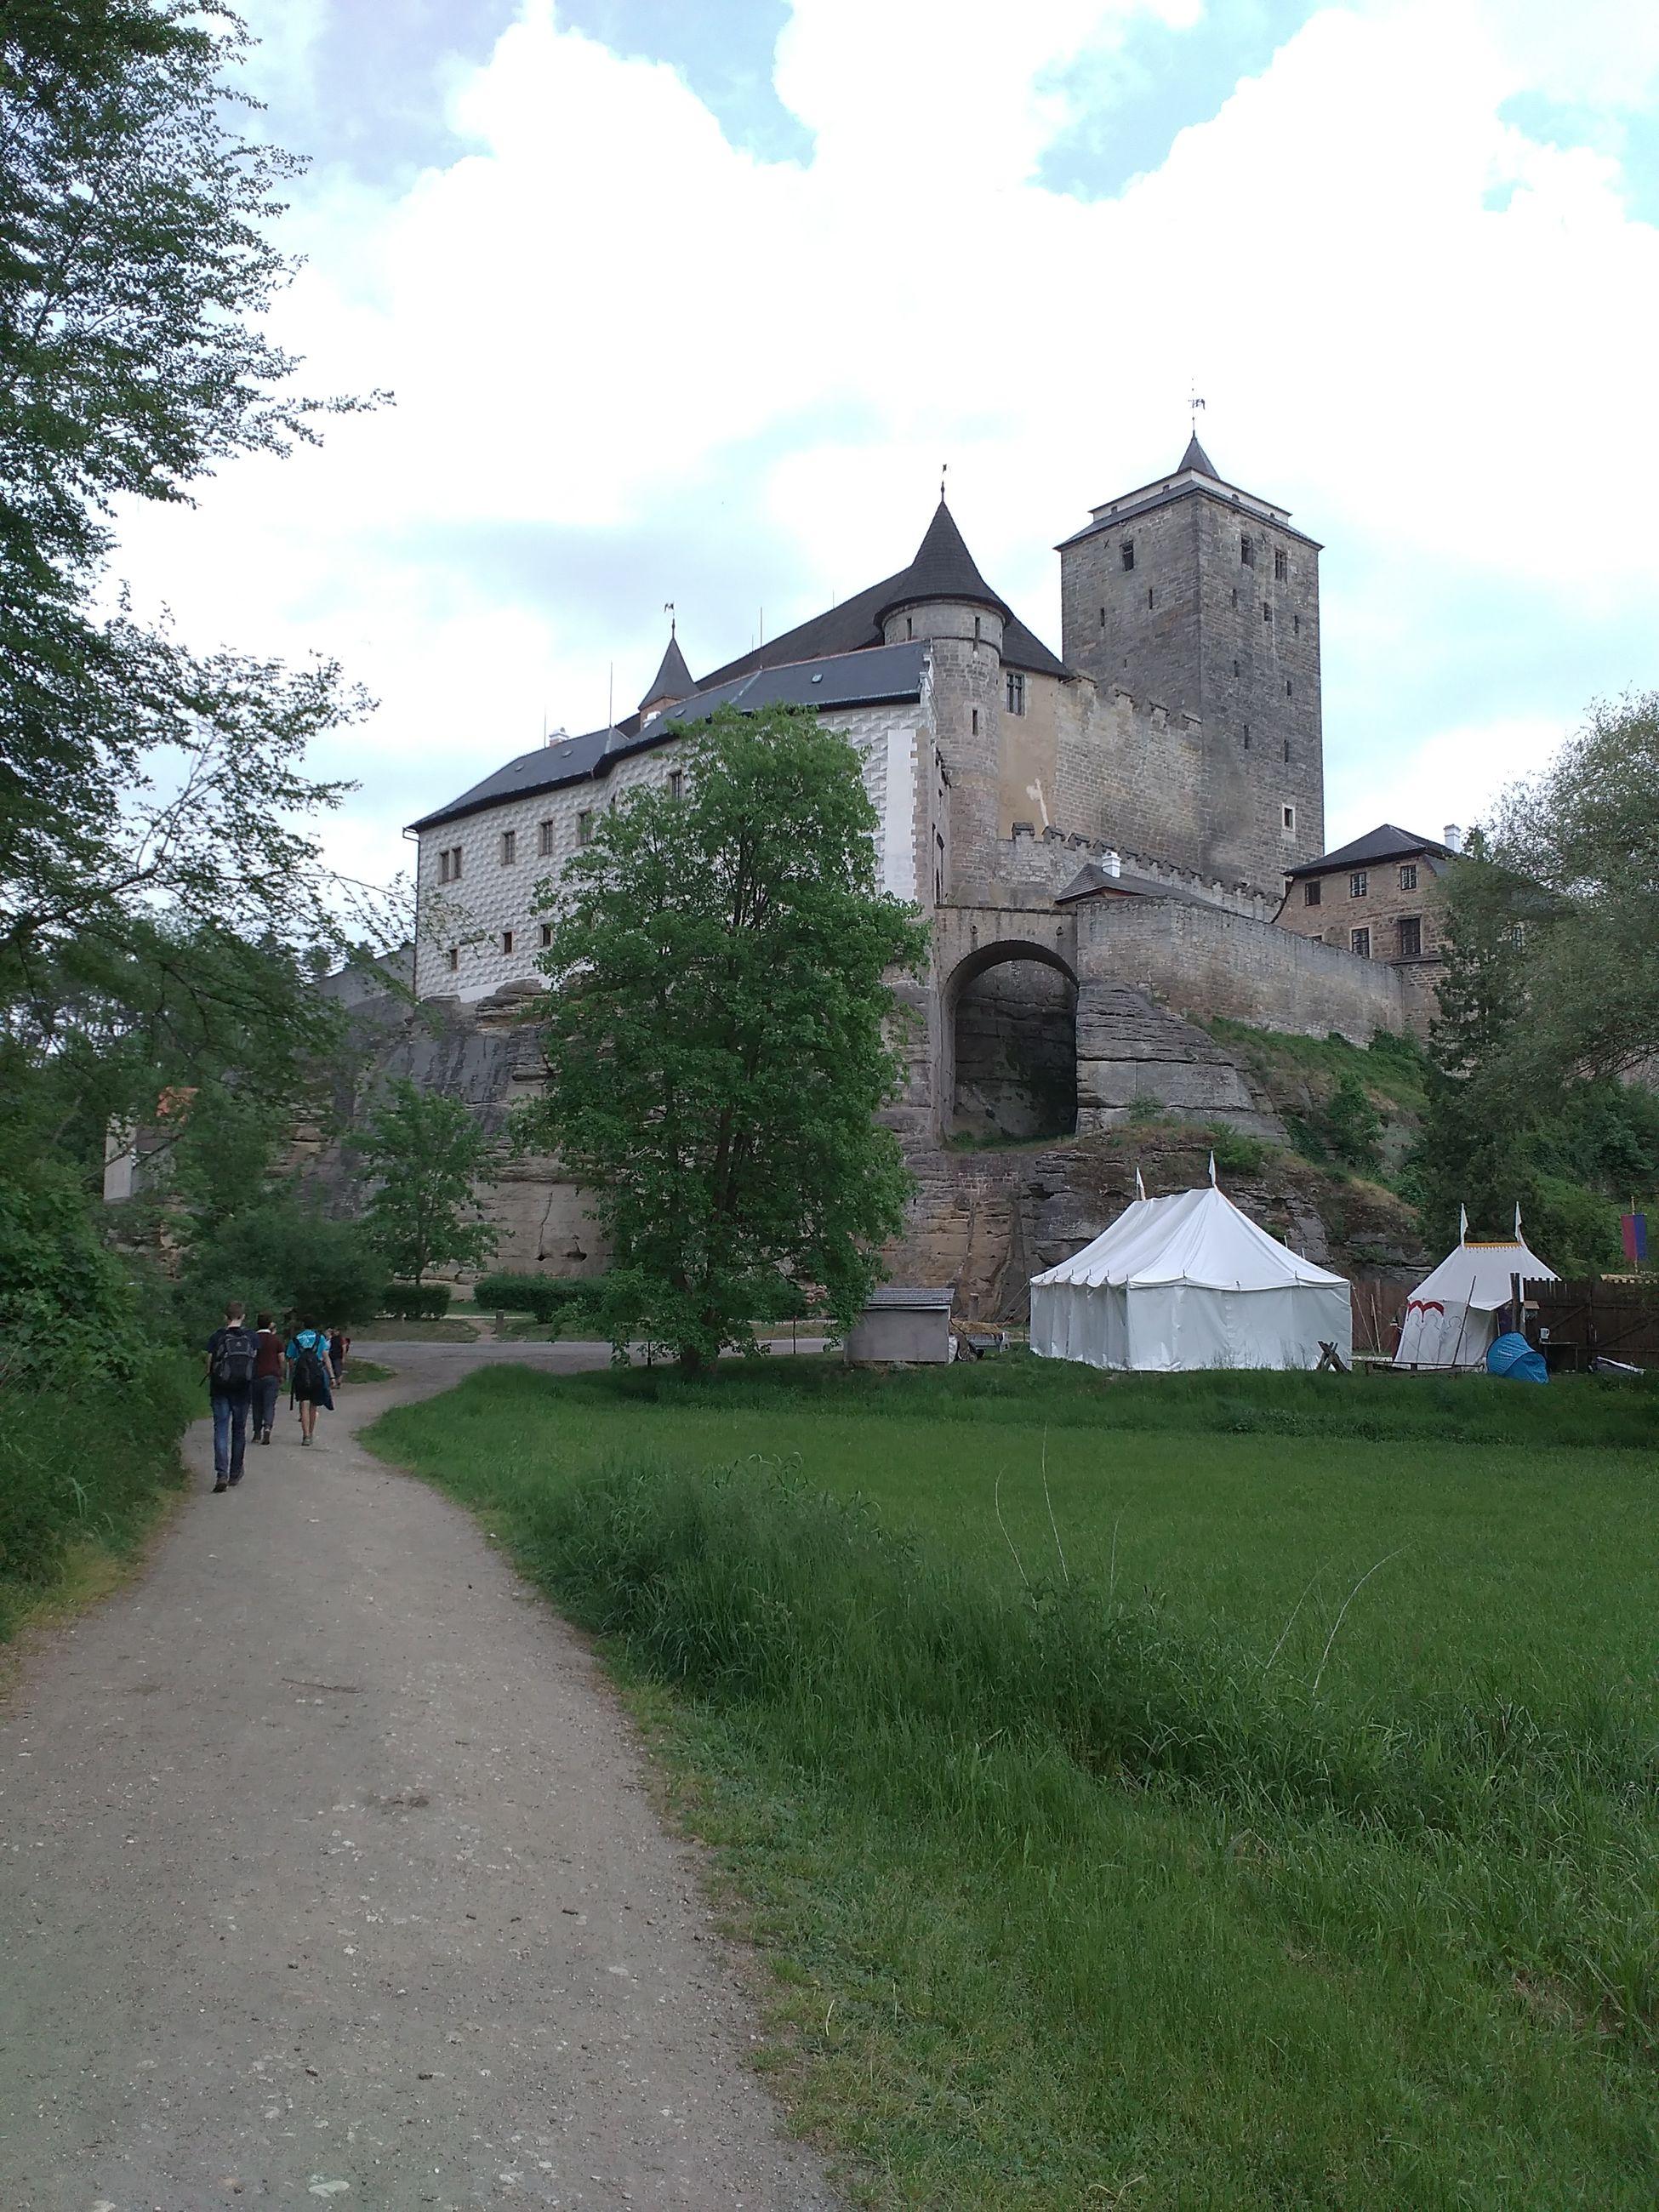 Kost Castle Czech Republic Český Ráj Hrad Kost školní Výlet